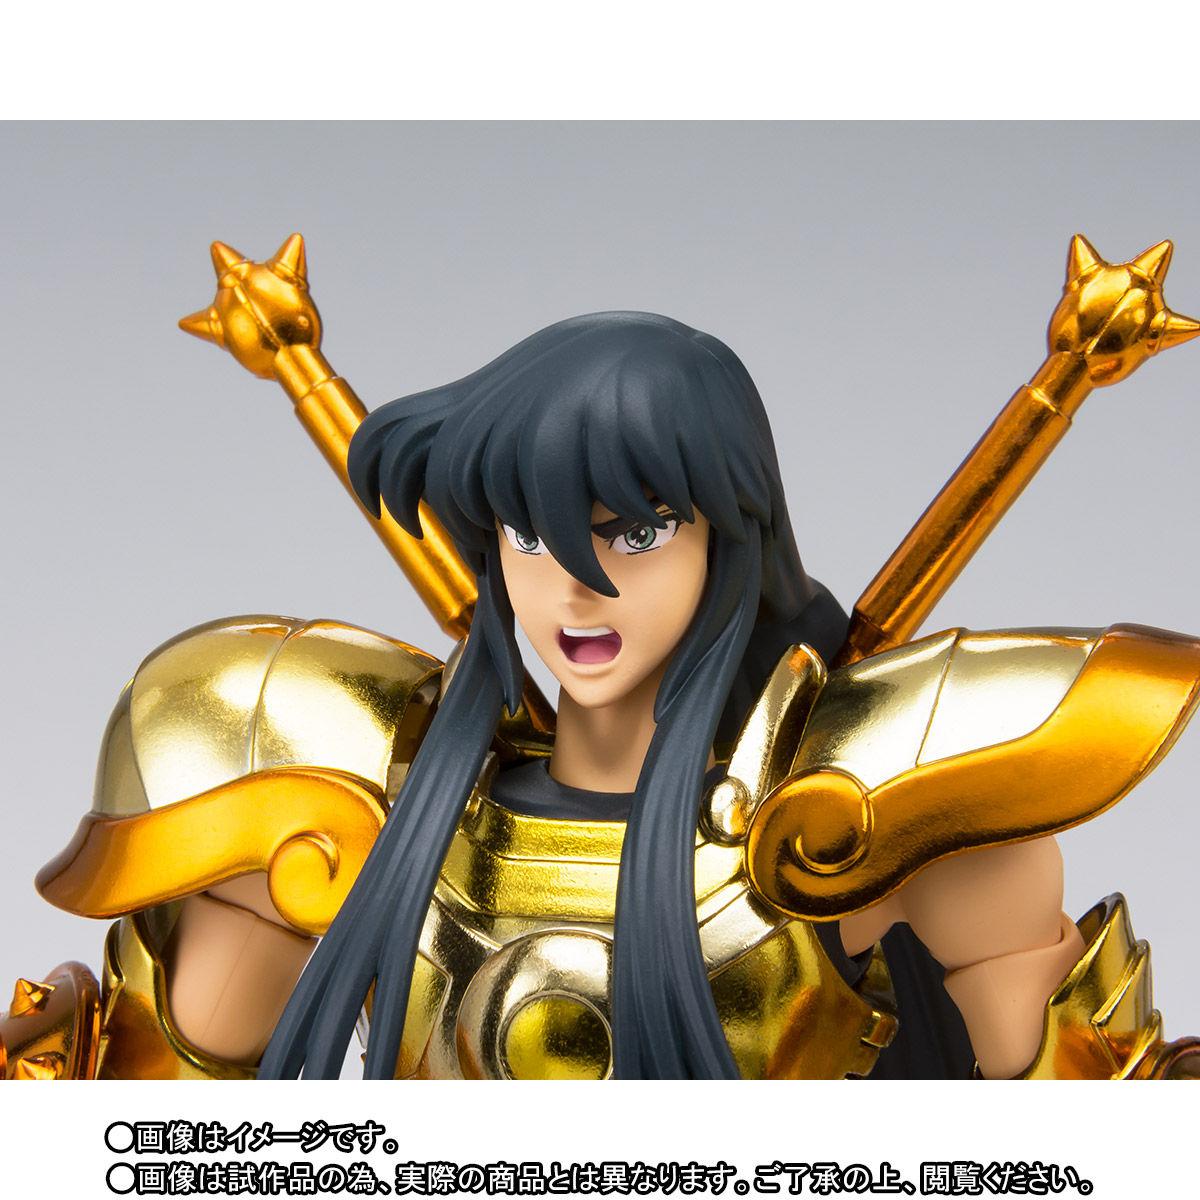 【限定販売】聖闘士聖衣神話EX『ライブラ紫龍』可動フィギュア-007